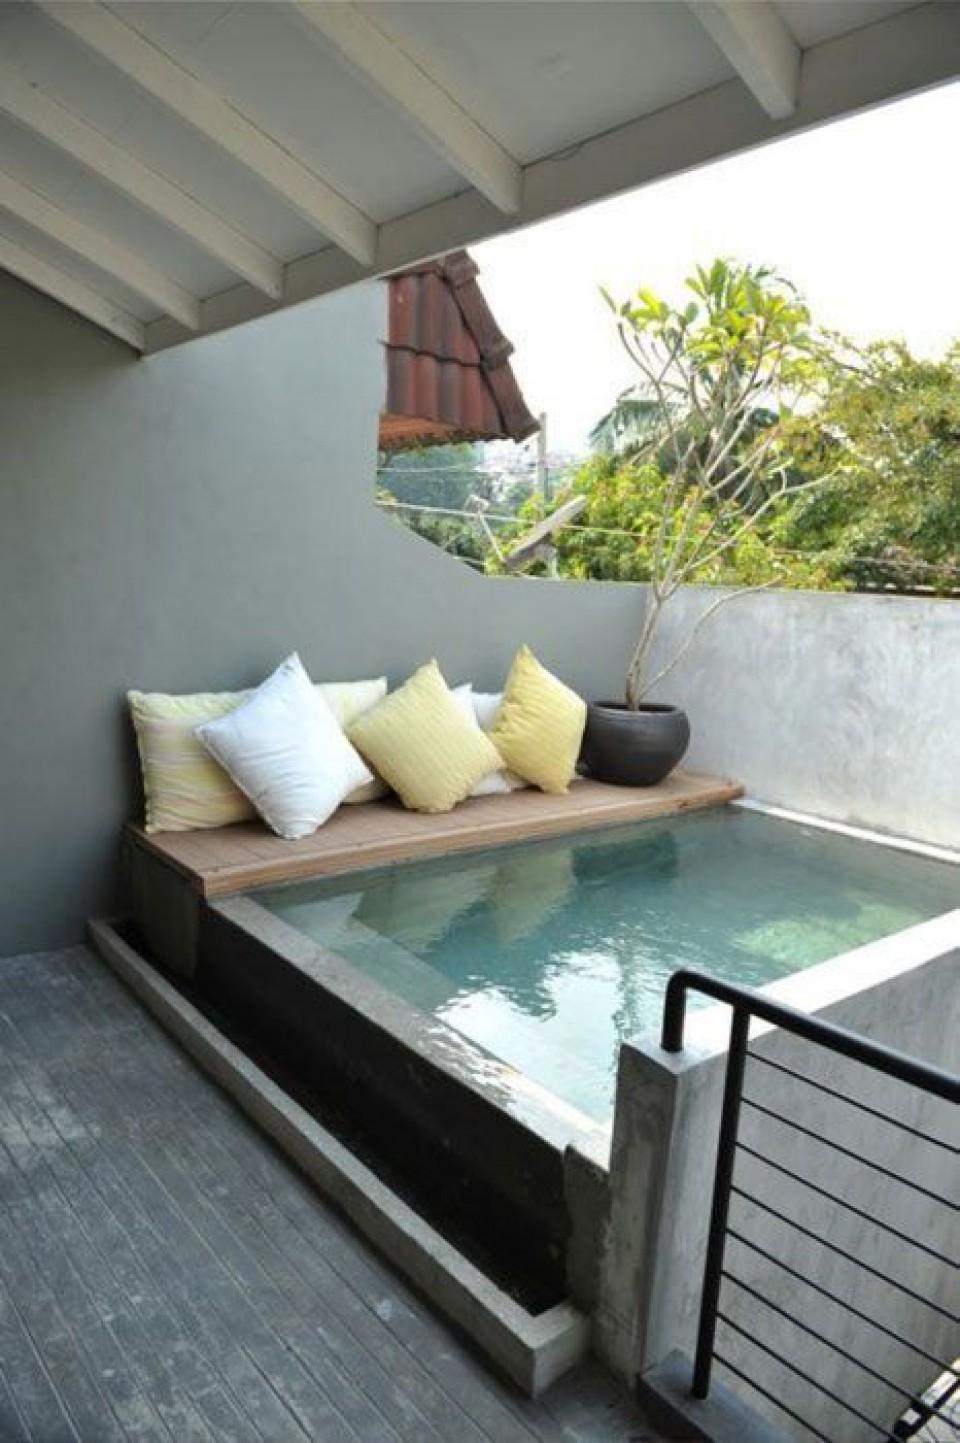 12 Desain Mini Pool: Kolam Kecil di Rumah Untuk Sekedar